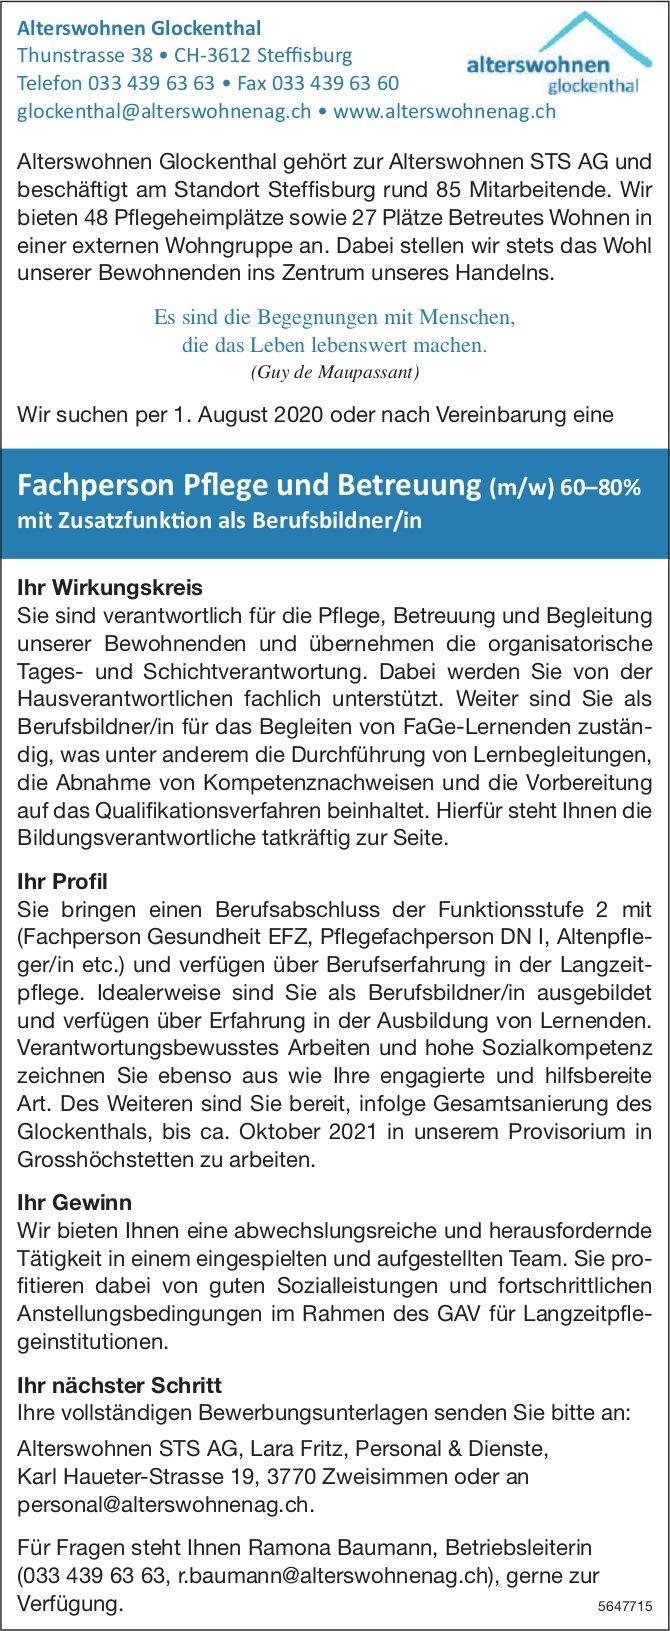 Fachperson Pflege und Betreuung (m/w) 60–80%, Alterswohnen Glockenthal, Steffisburg, gesucht